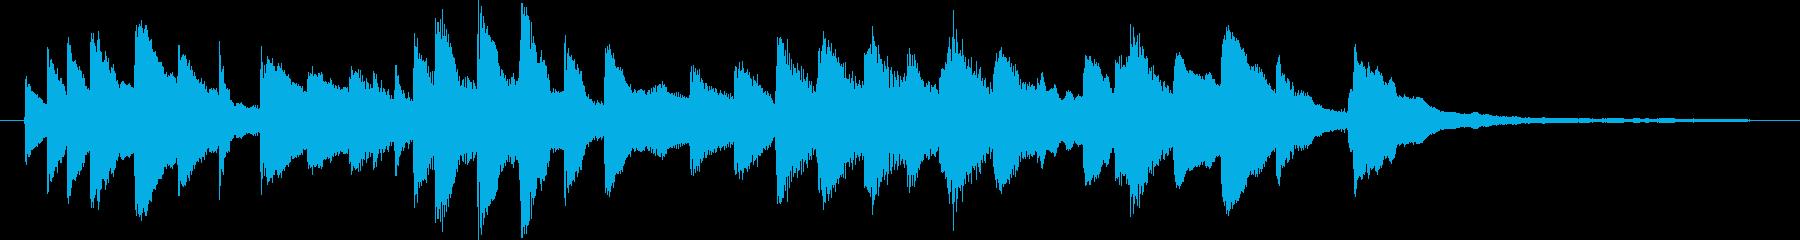 ピュアラブをイメージしたピアノのジングルの再生済みの波形